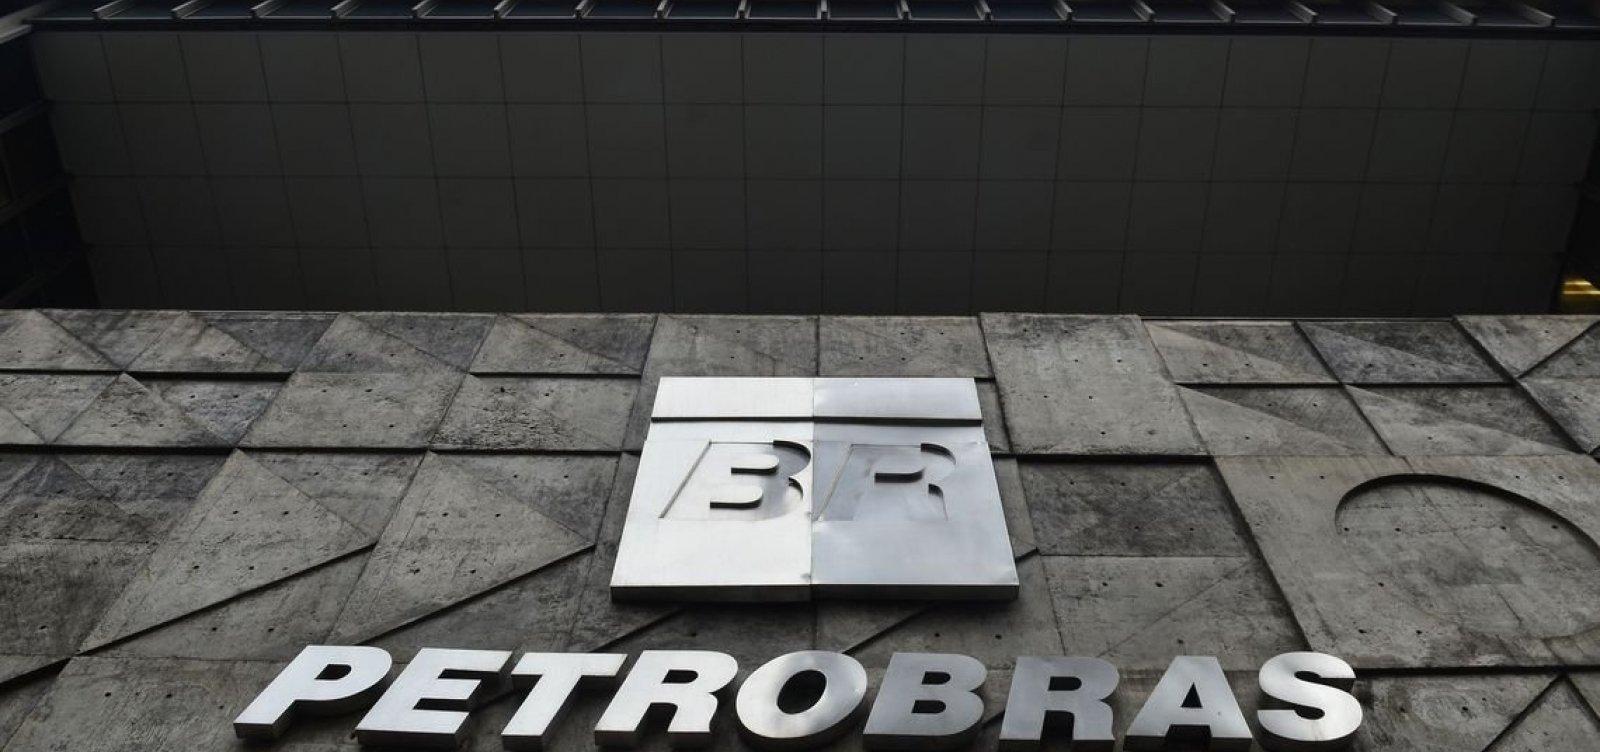 [Petrobras demite funcionários com prisão decretada pela Lava Jato]